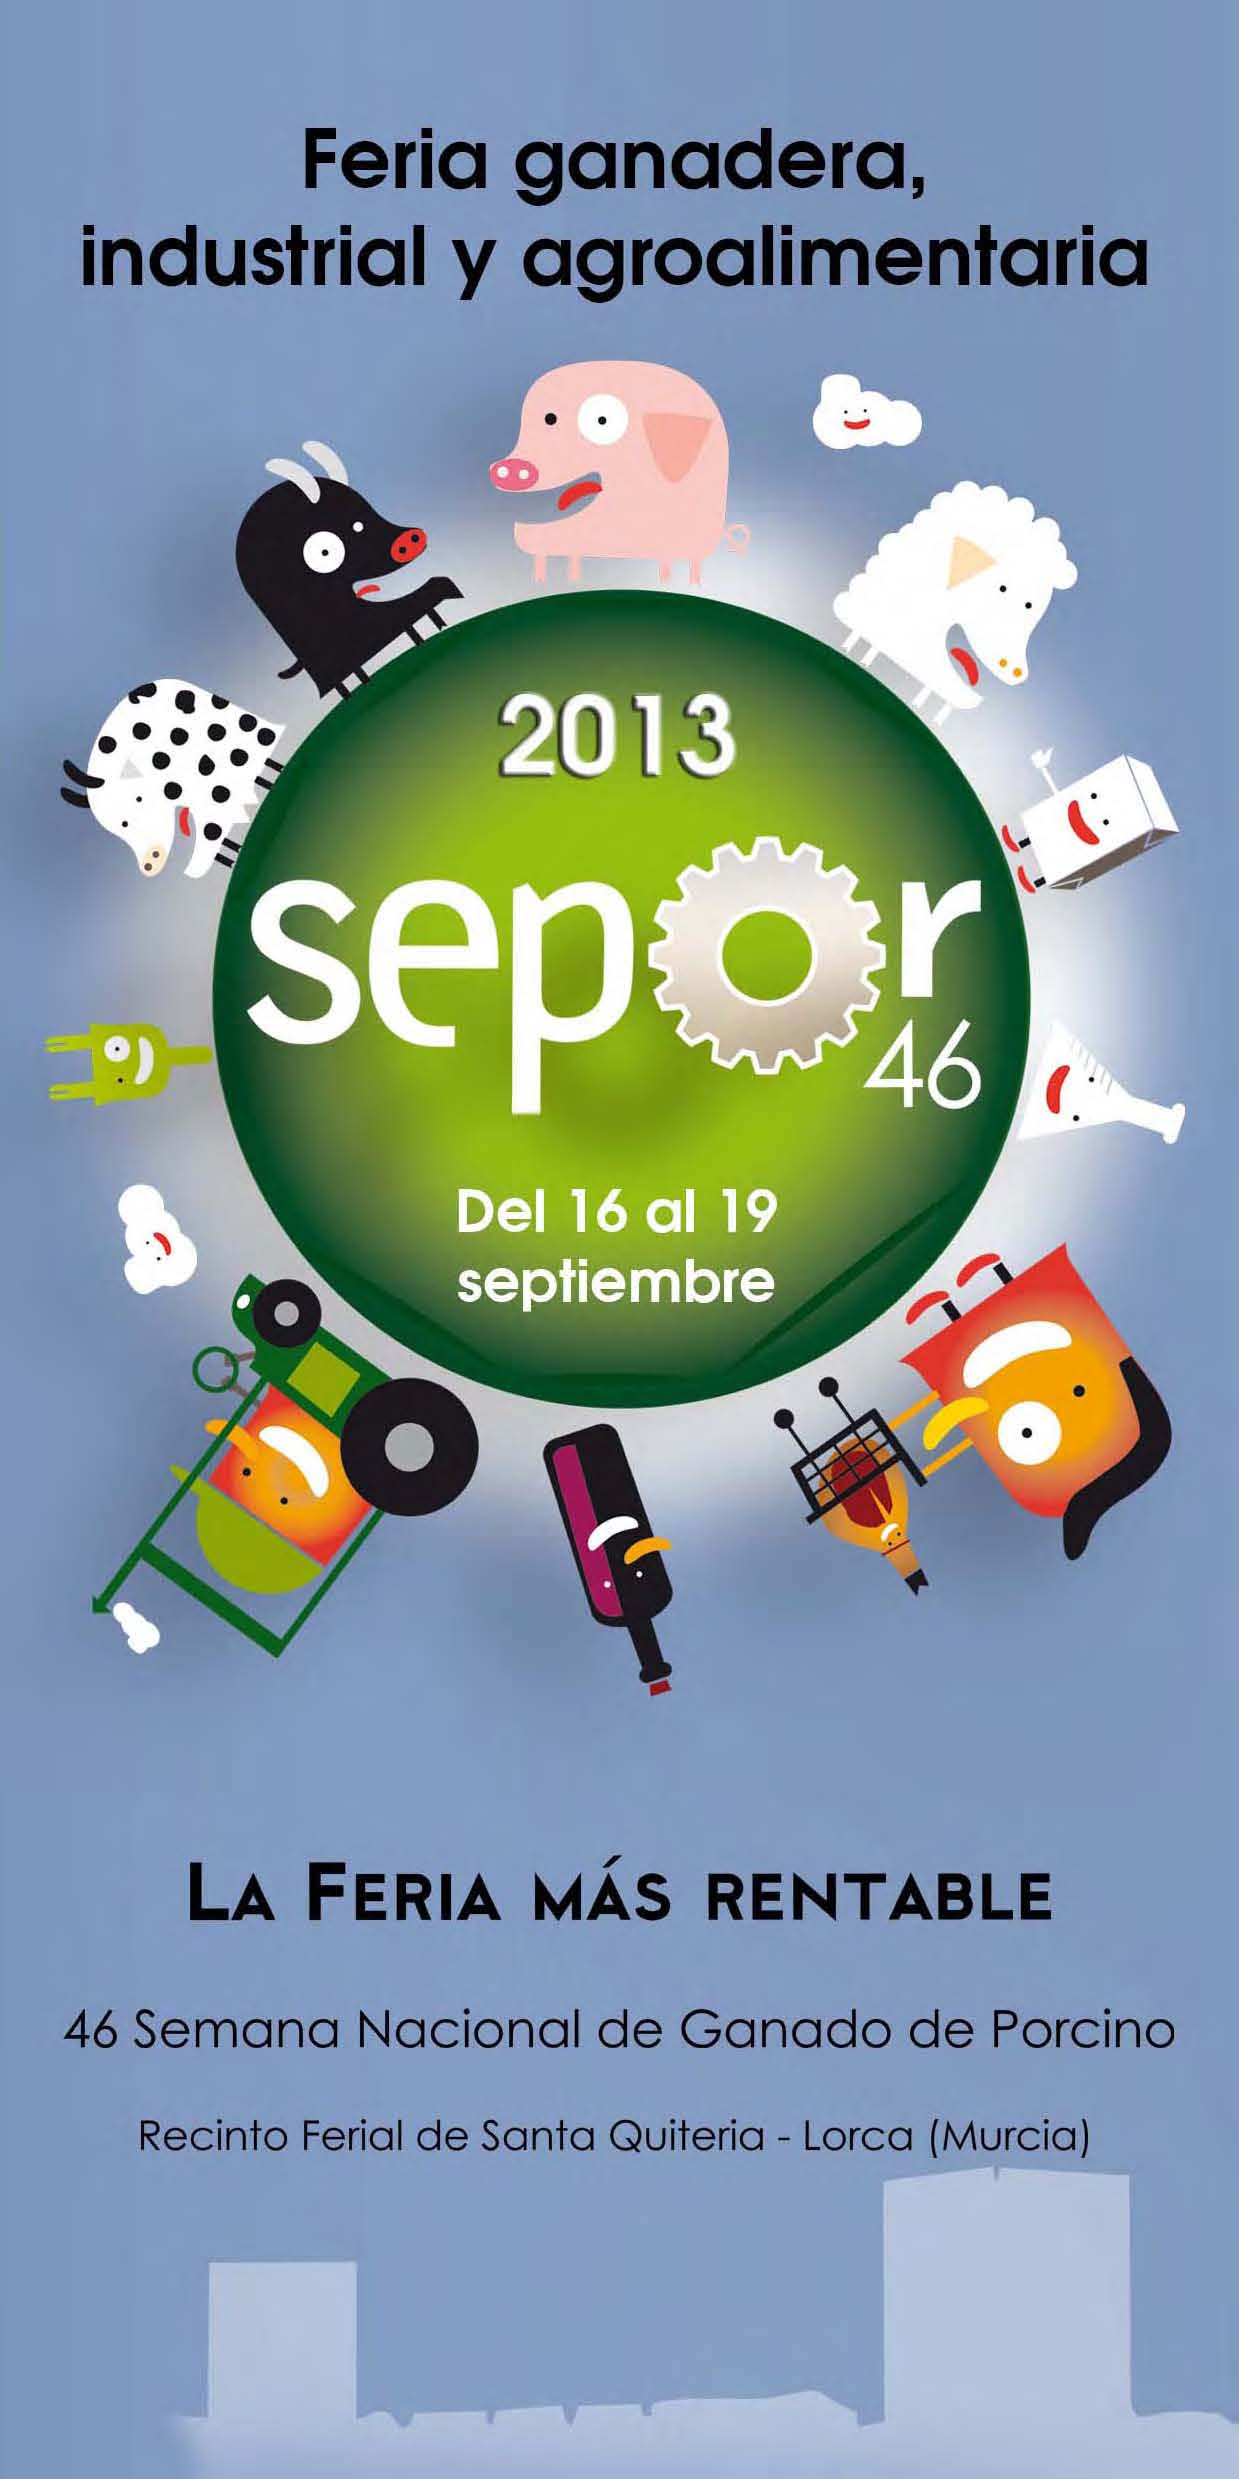 La Feria Ganadera, Industrial y Agroalimentaria SEPOR 2013, celebrará su 46 edición del 16 al 19 de Septiembre en Lorca (Murcia)